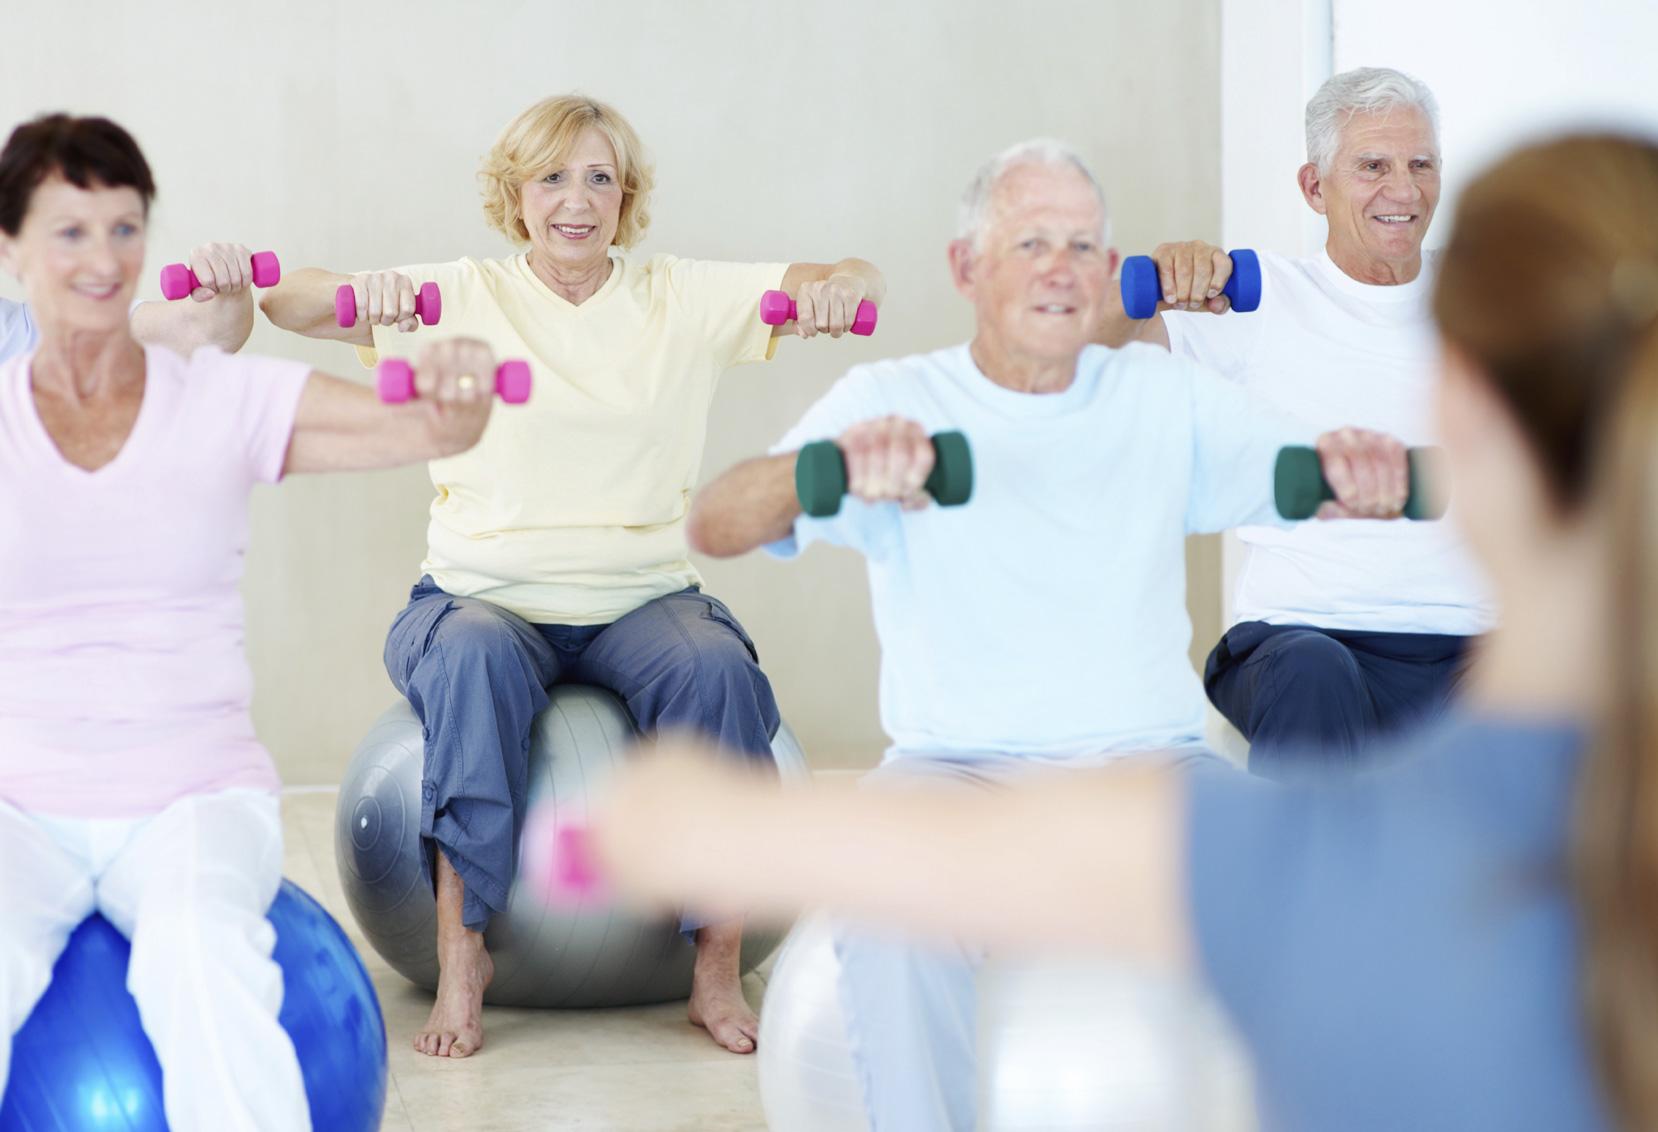 Descubra Quais Atividades Físicas São Mais Indicadas Para Os Idosos